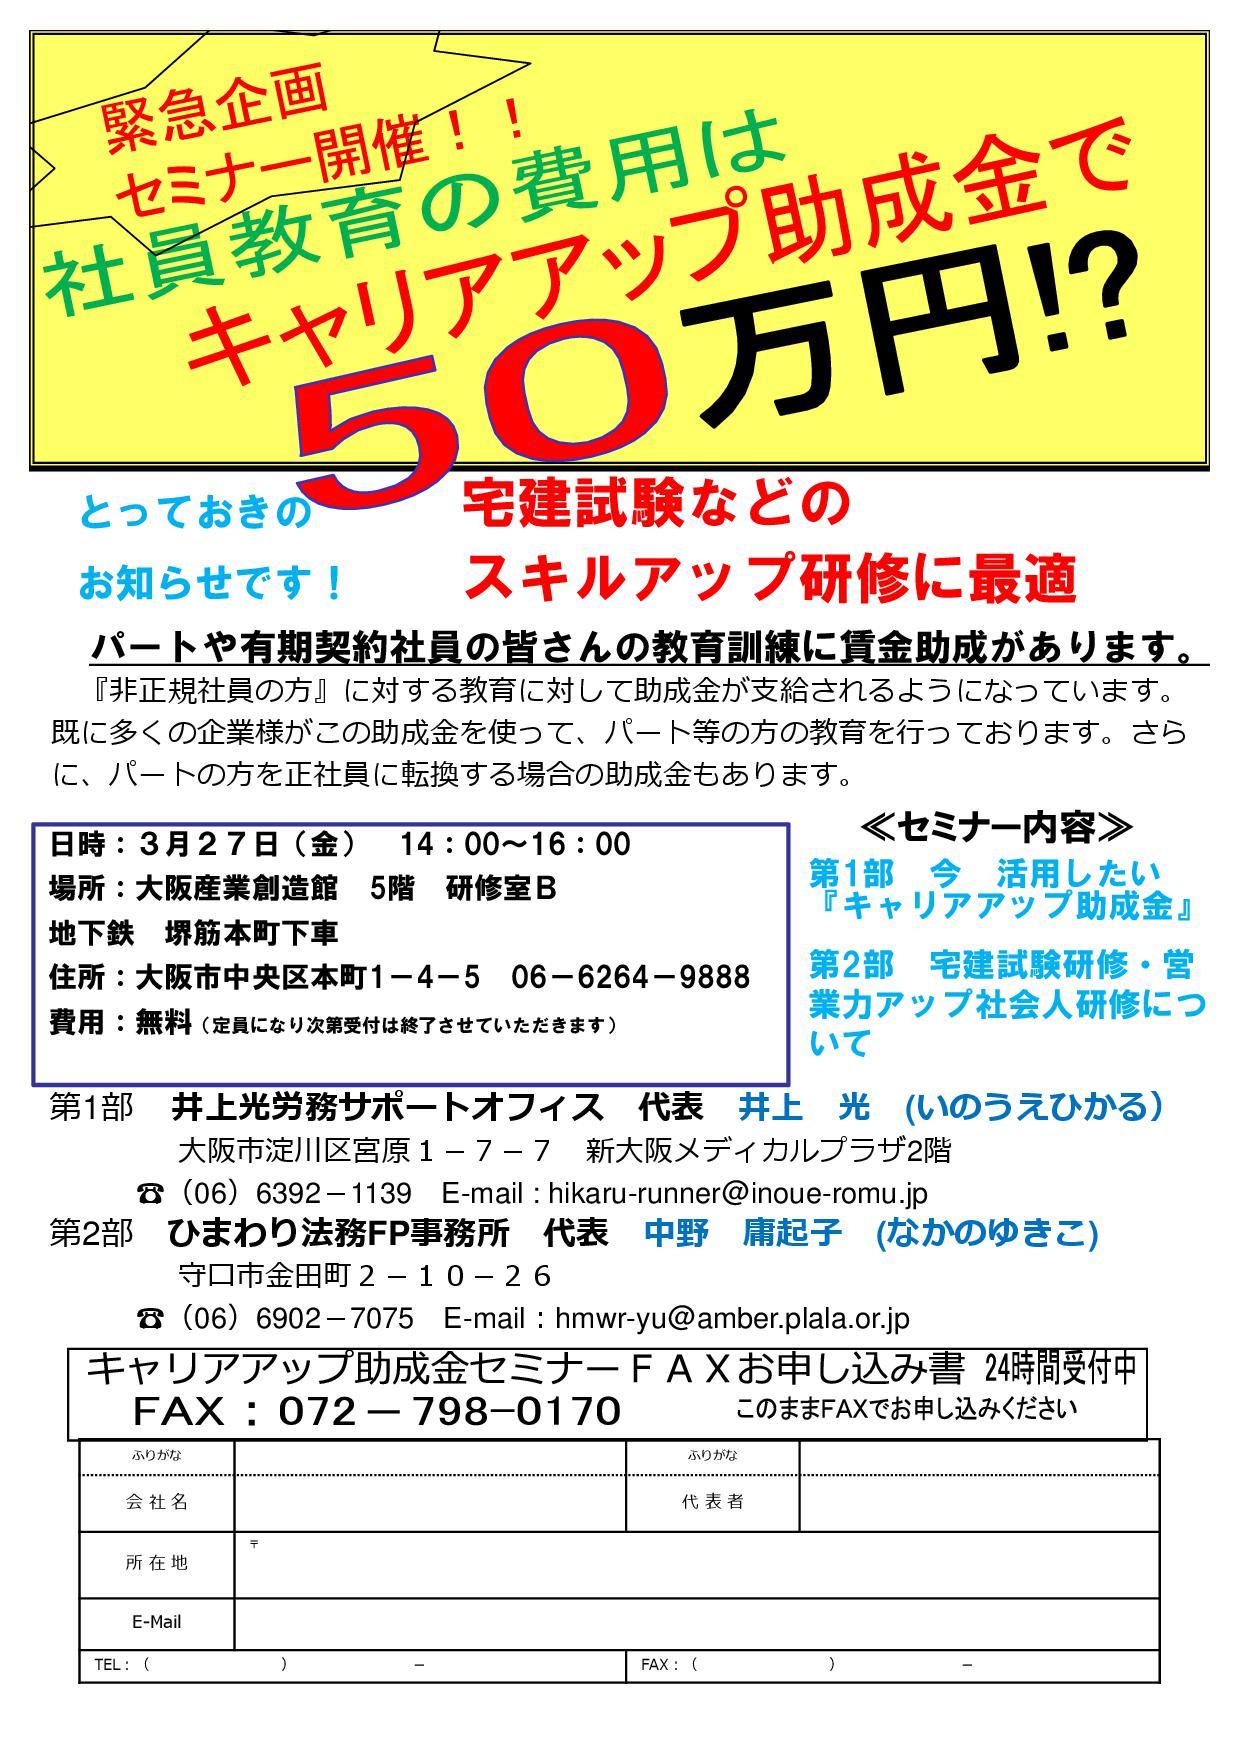 キャリアアップ助成金と社会人研修マッチングセミナーチラシ 27.3.jpg